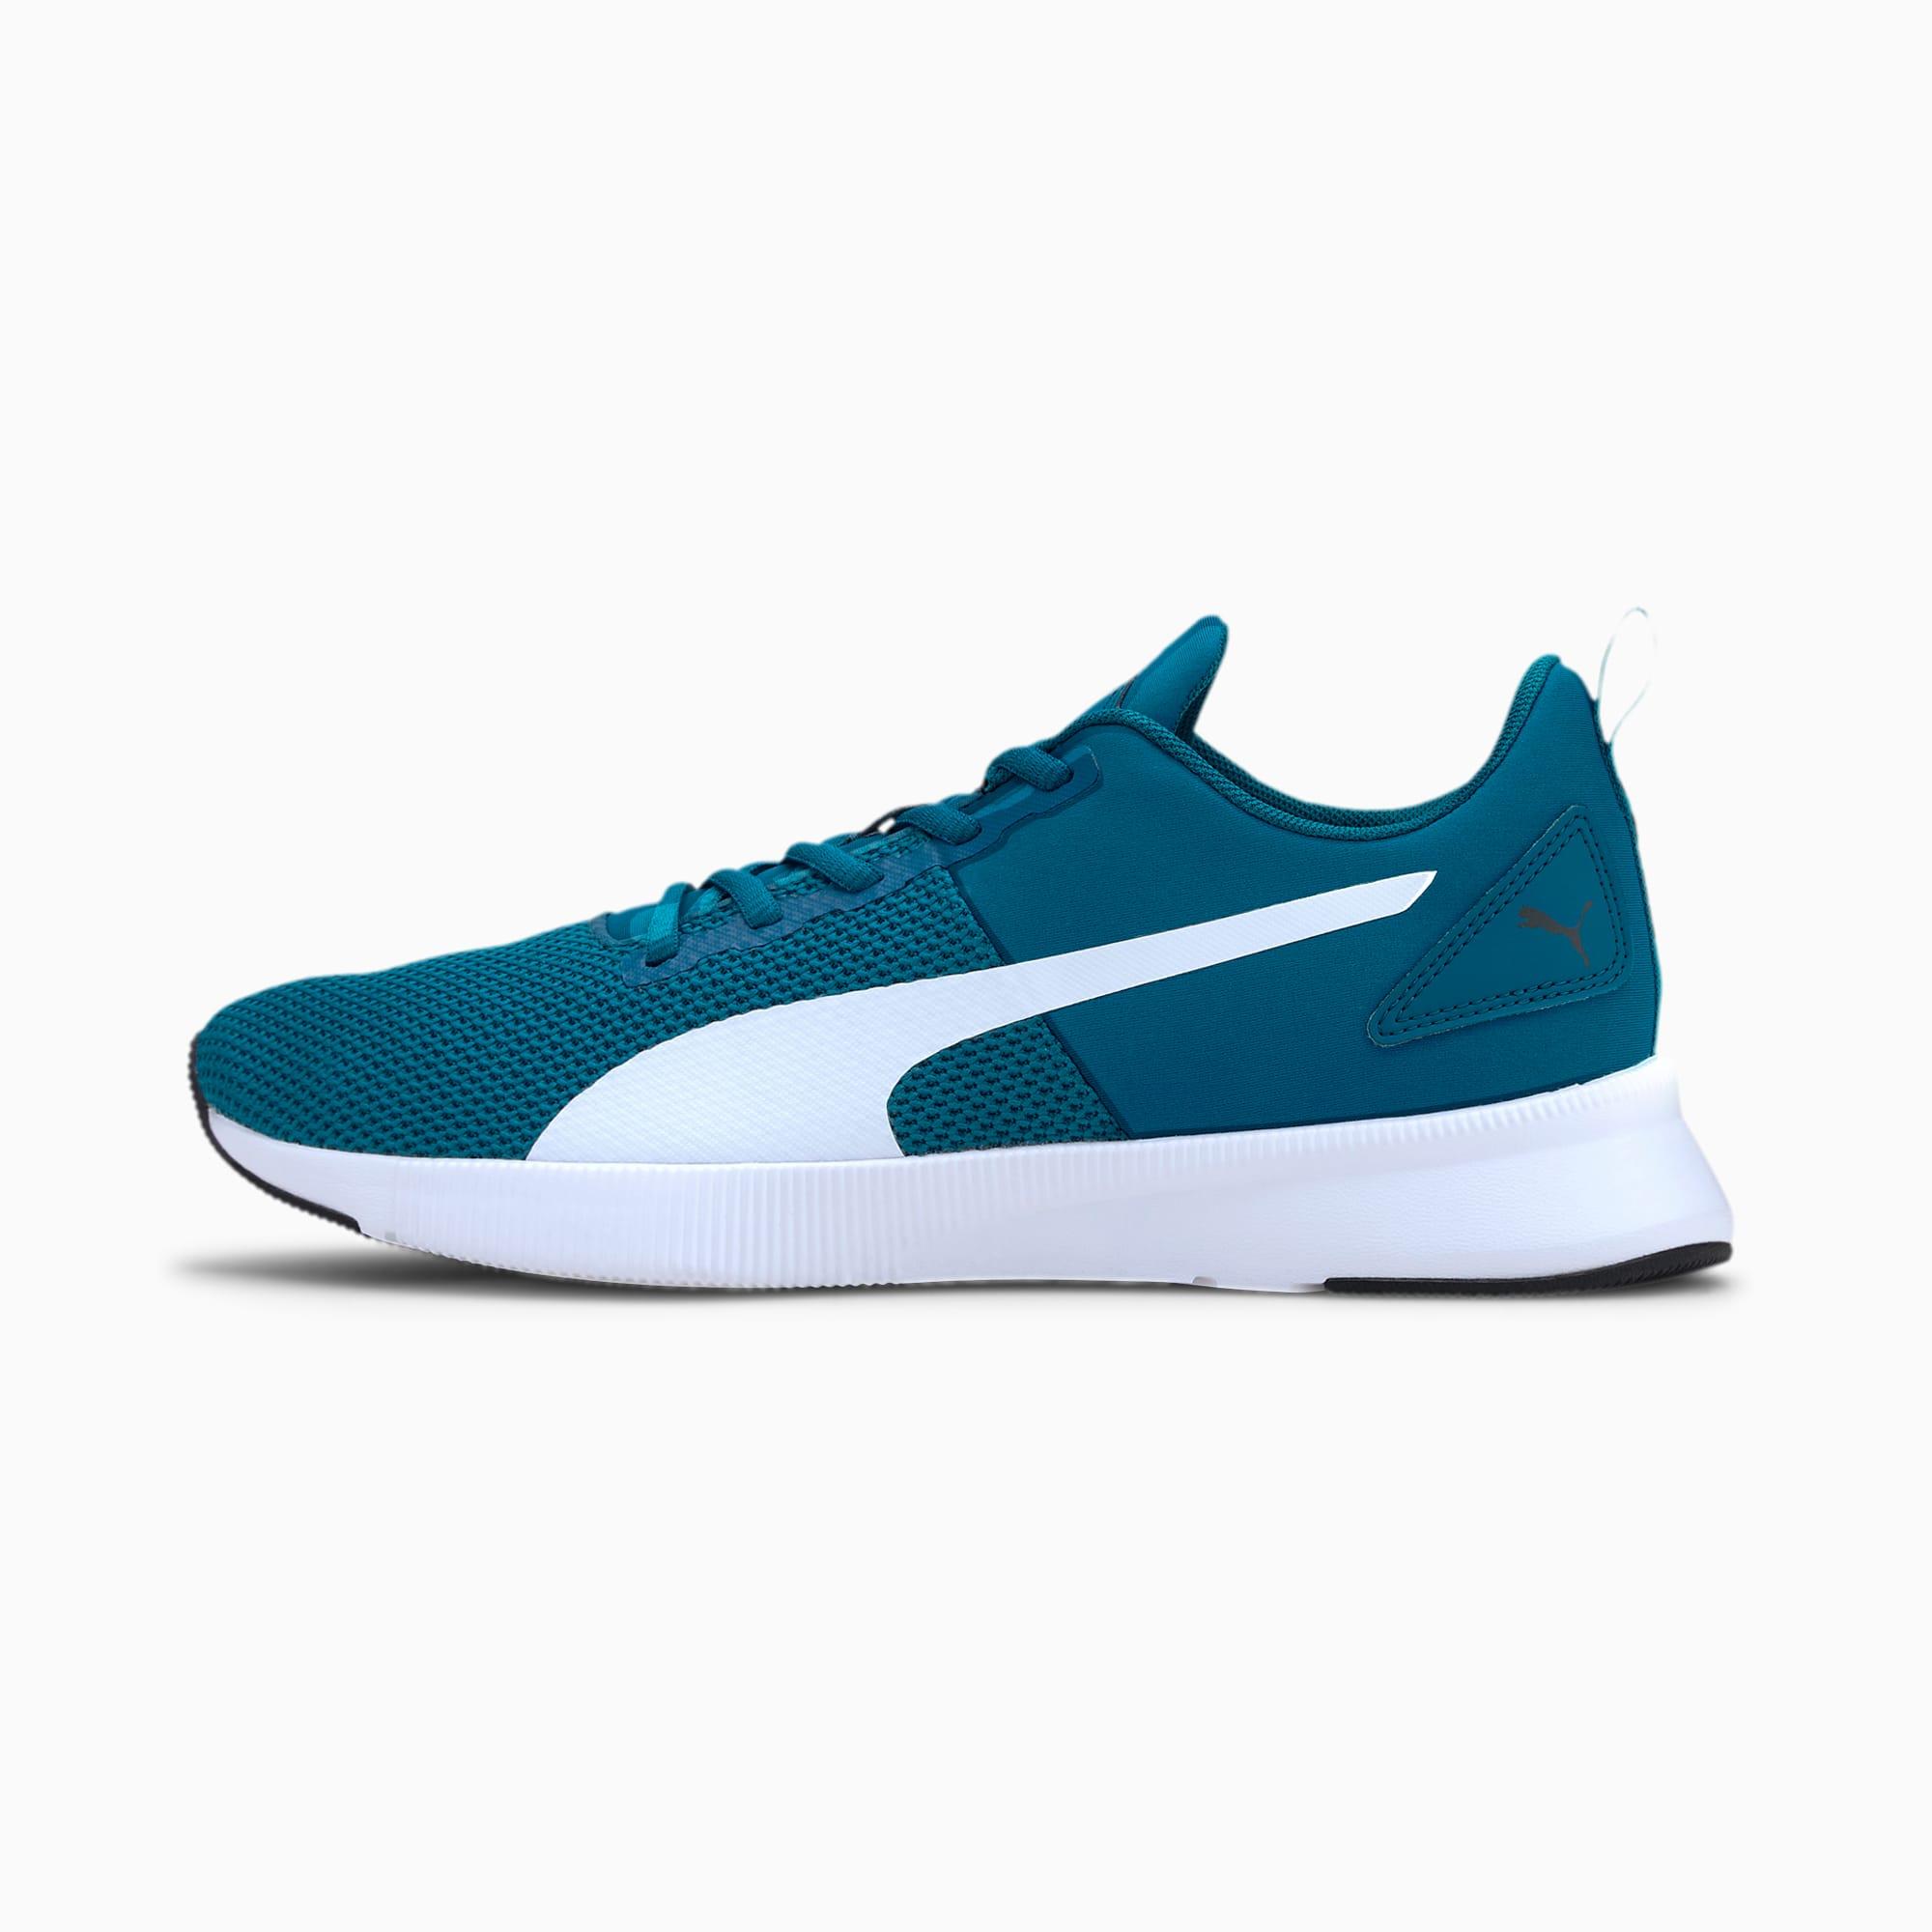 PUMA Chaussure de course Flyer Runner, Blanc/Bleu, Taille 40.5, Chaussures